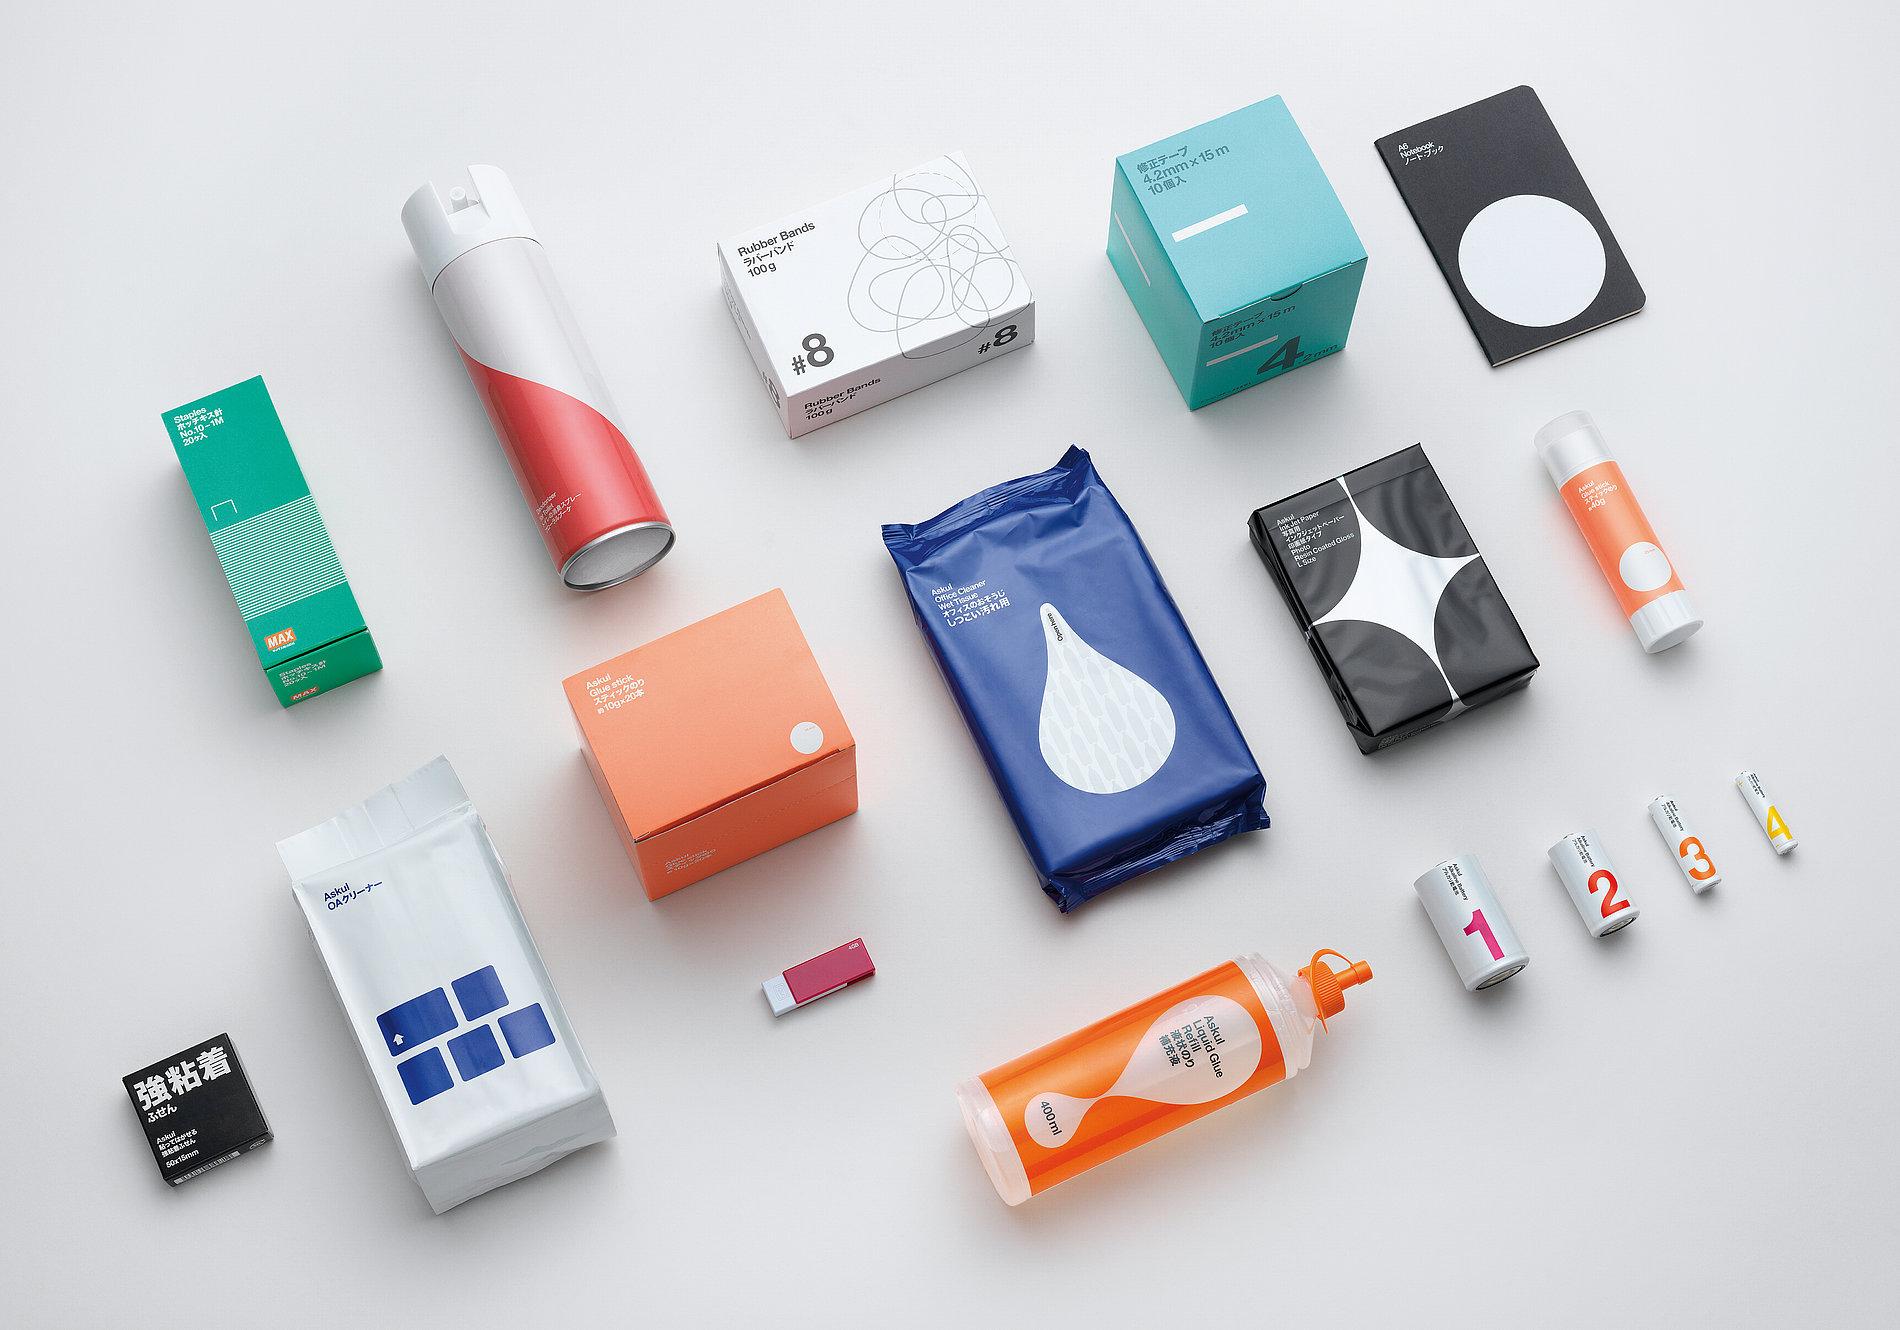 Askul | Red Dot Design Award